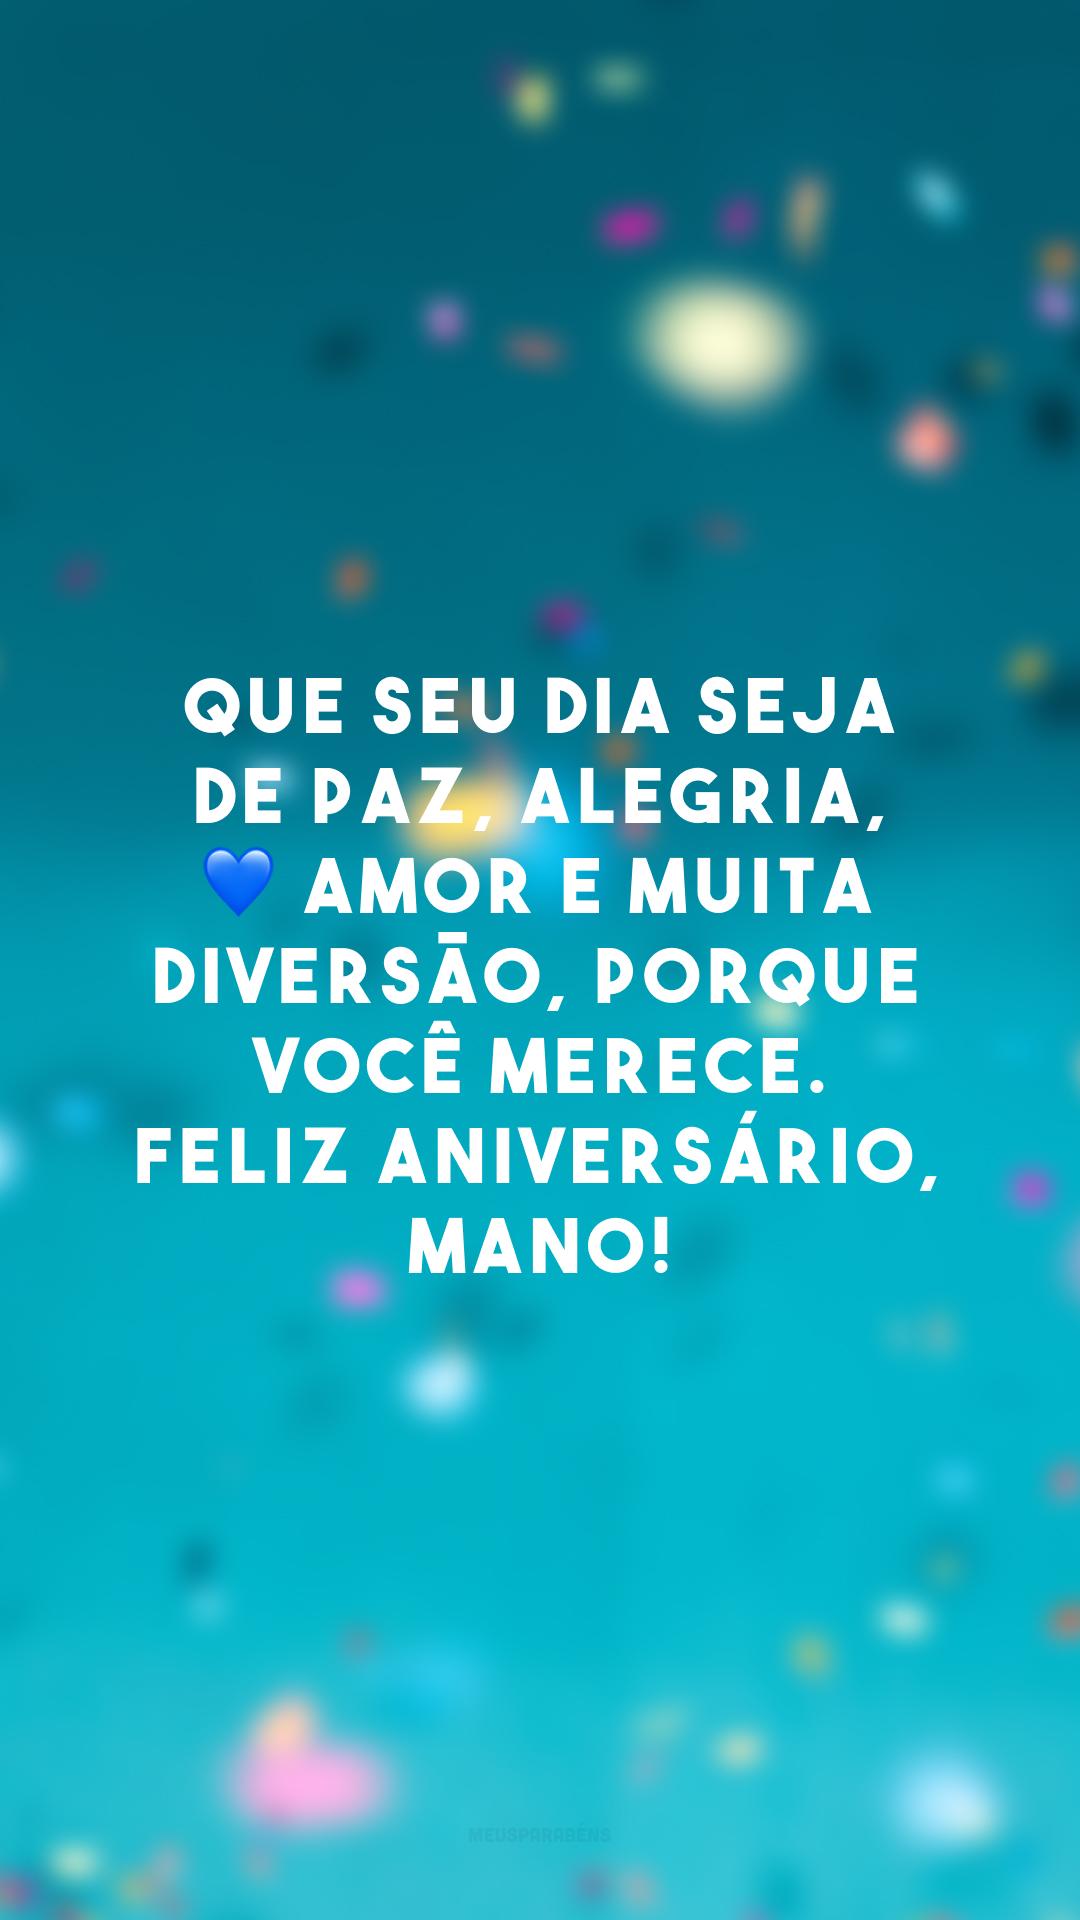 Que seu dia seja de paz, alegria, 💙 amor e muita diversão, porque você merece. Feliz aniversário, mano!